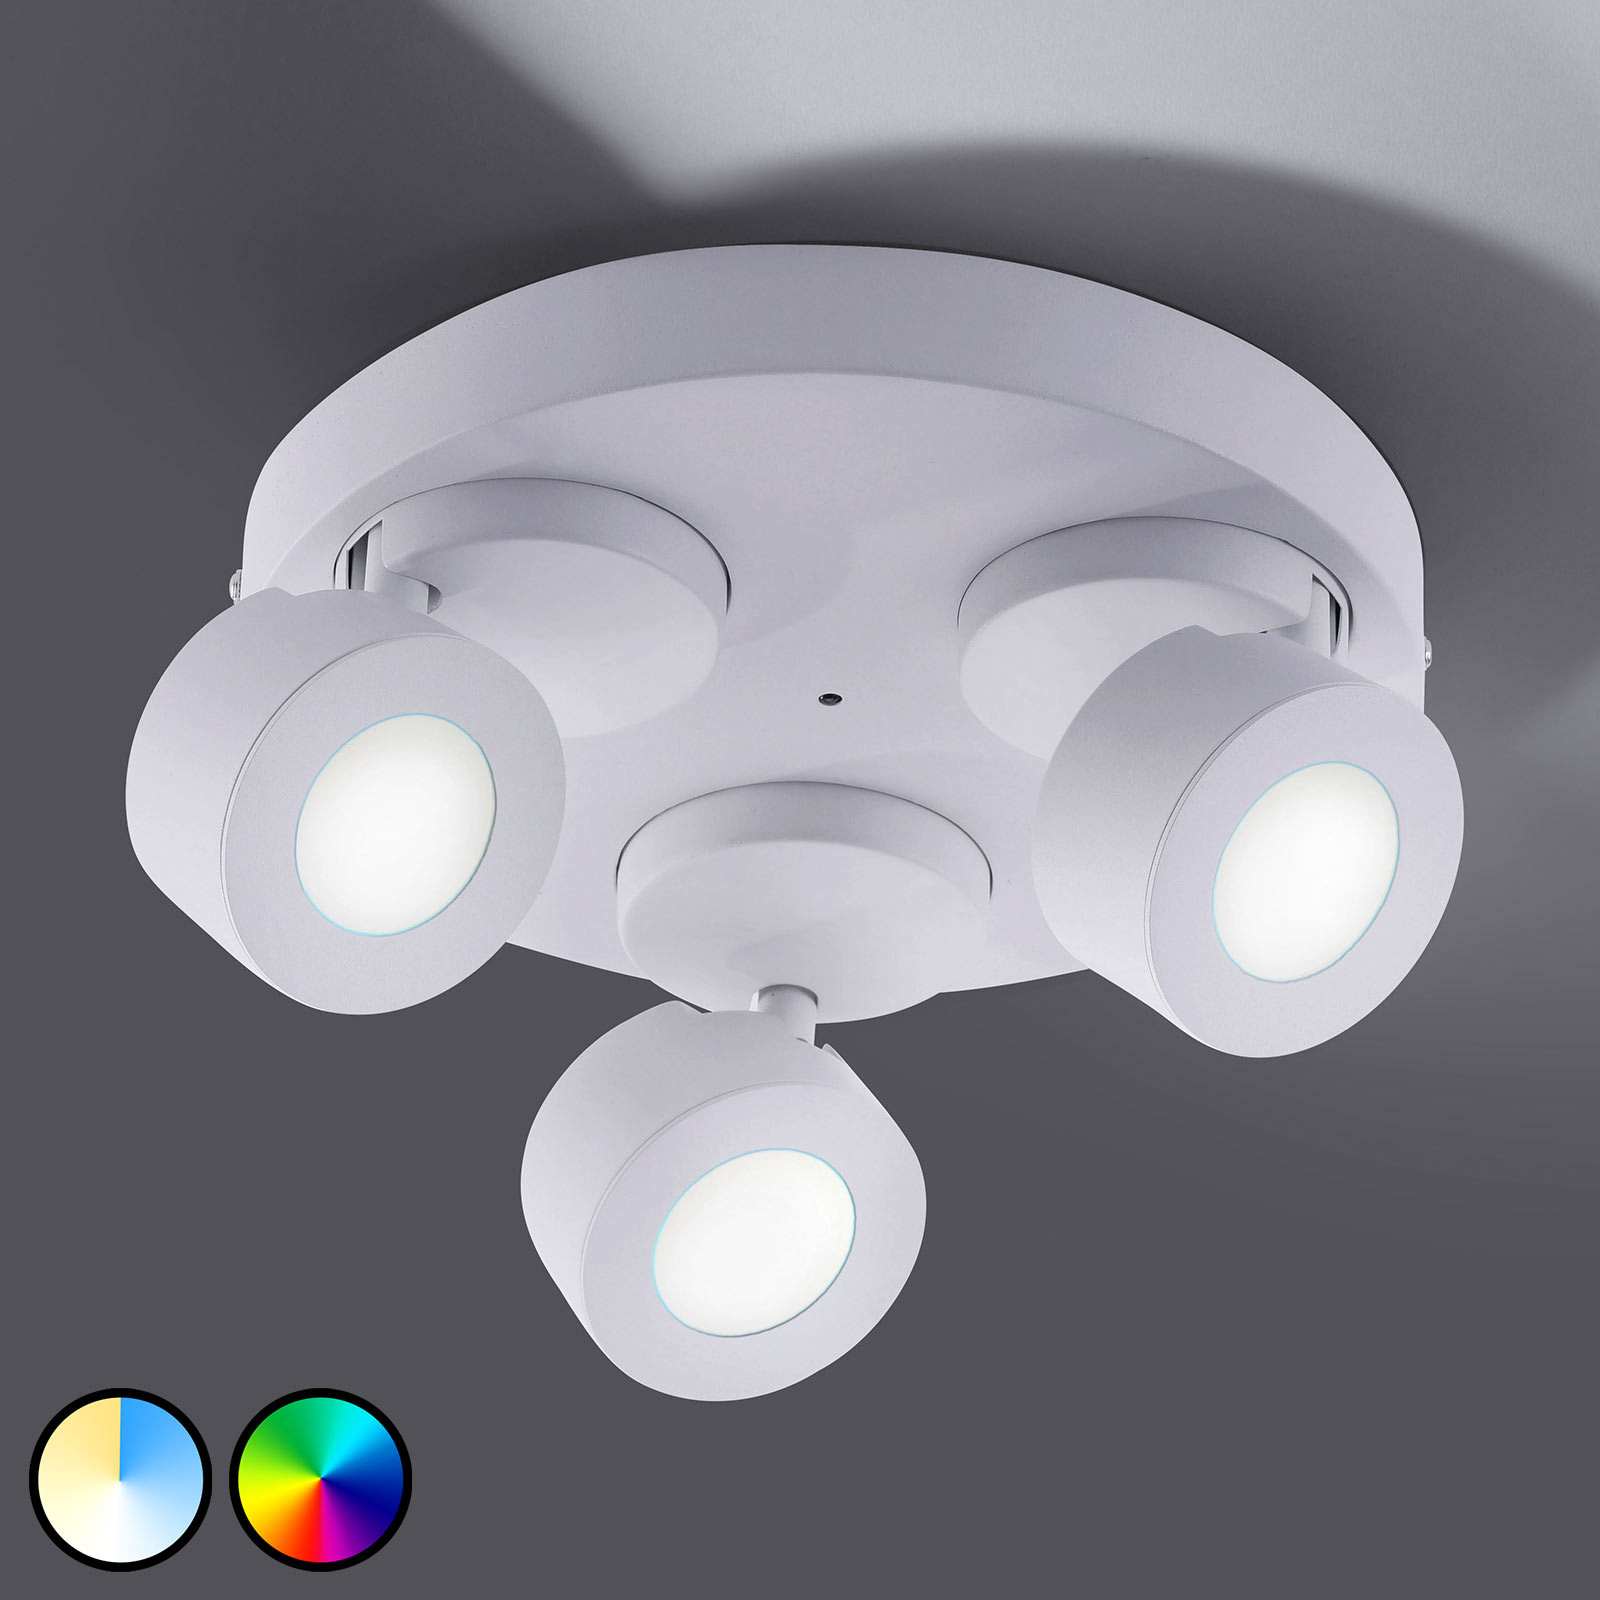 Trio WiZ Sancho LED-Deckenlampe 3-flammig weiß